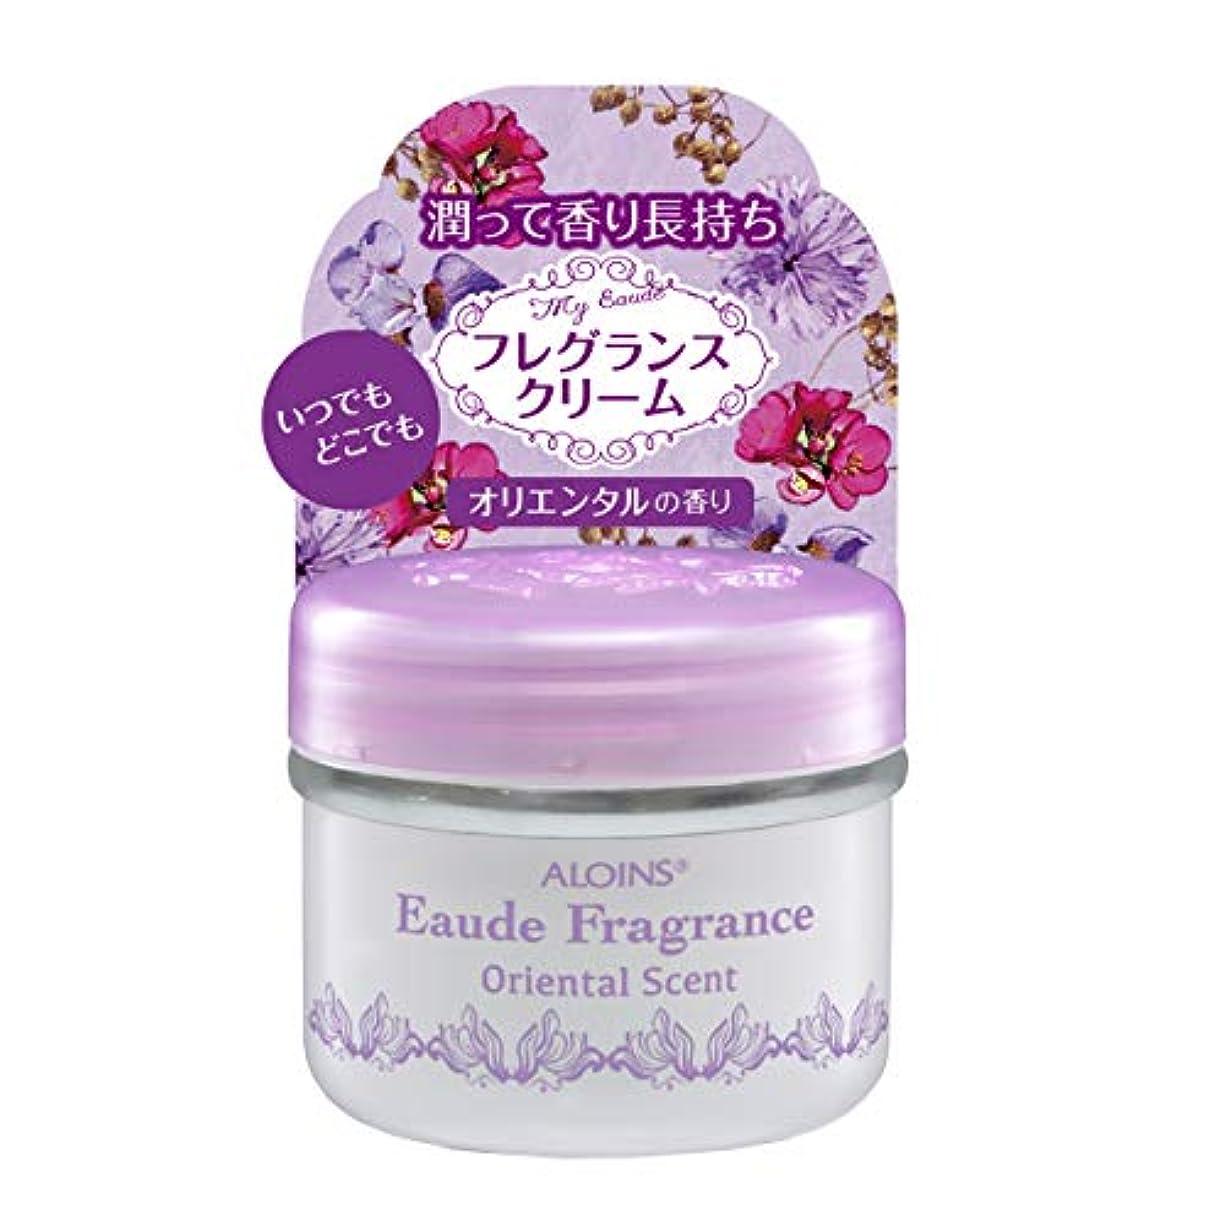 カウンタ存在する並外れてアロインス オーデフレグランス オリエンタルの香り 35g